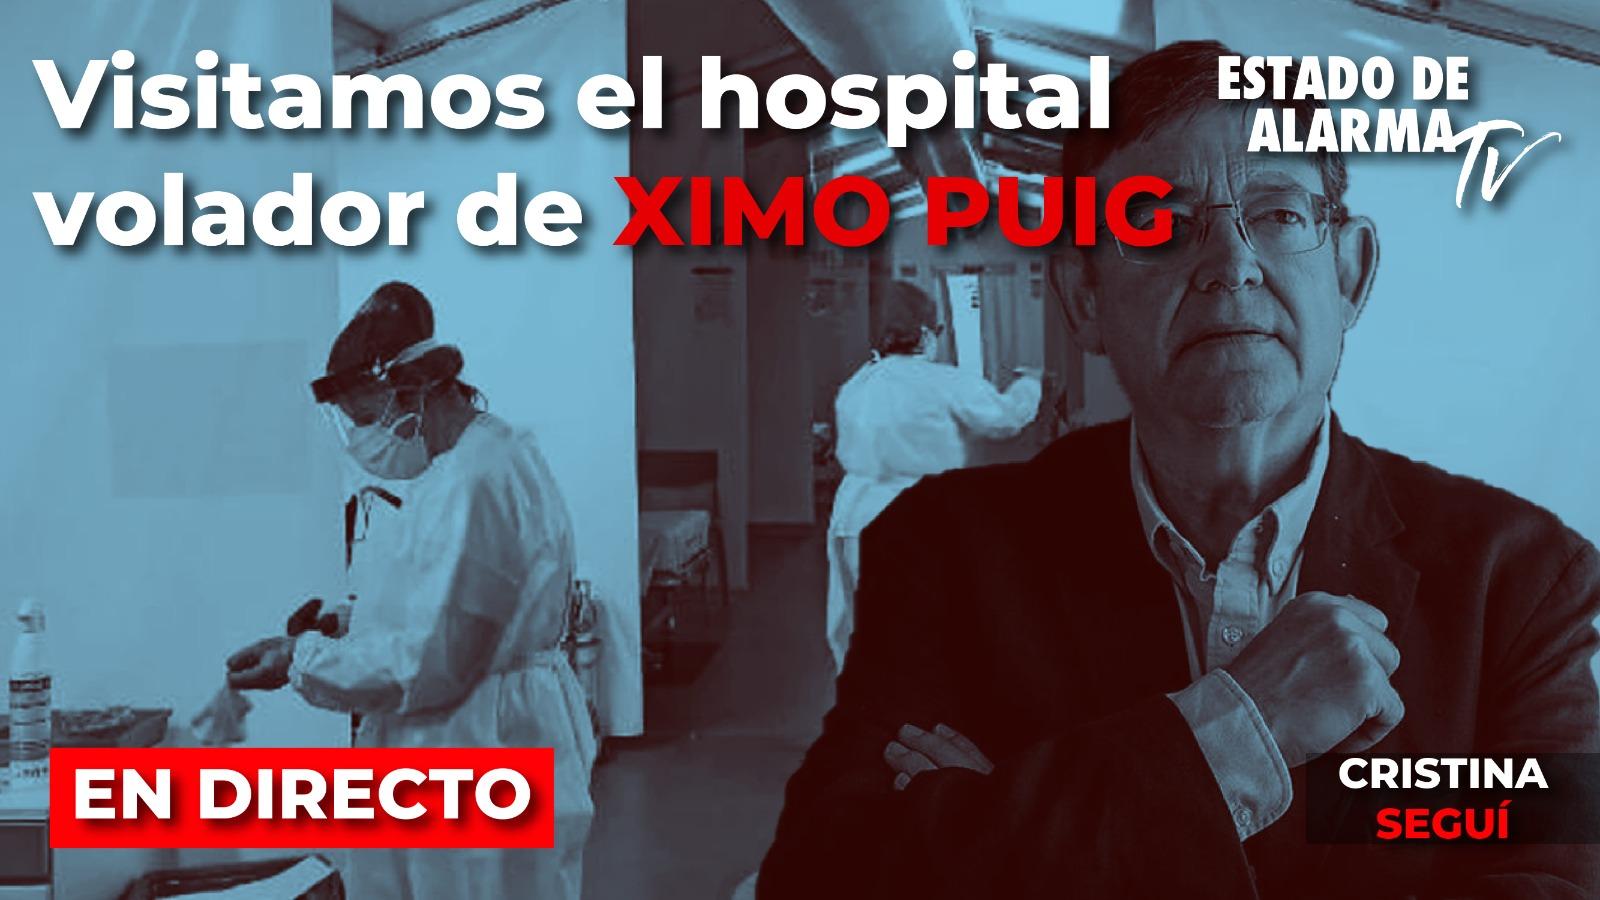 EN DIRECTO | Visitamos el HOSPITAL de campaña de VALENCIA con Cristina Seguí